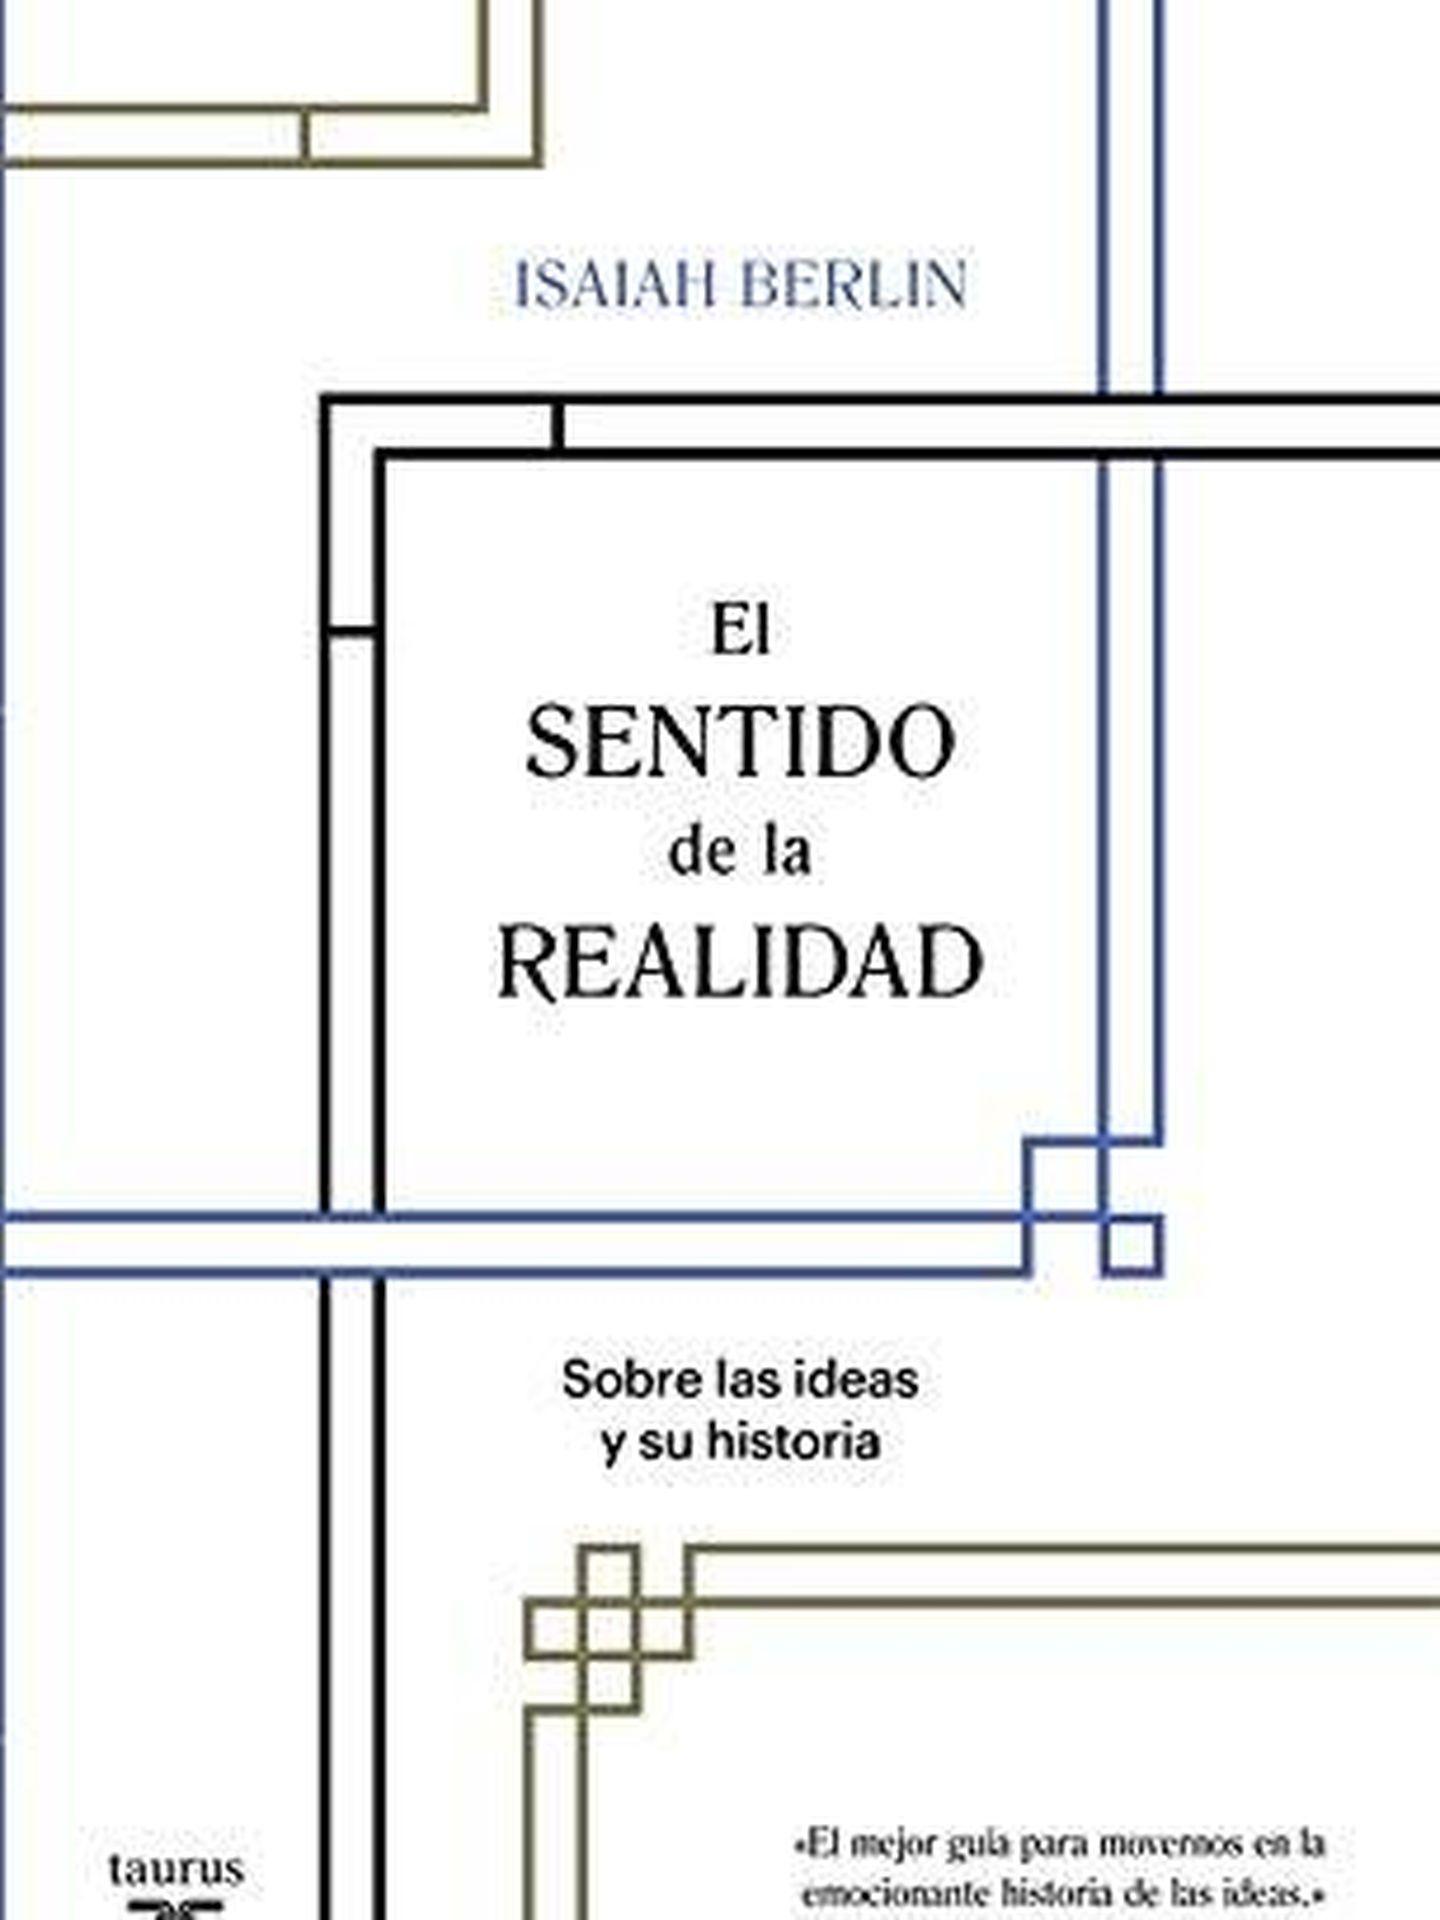 'El sentido de la realidad'